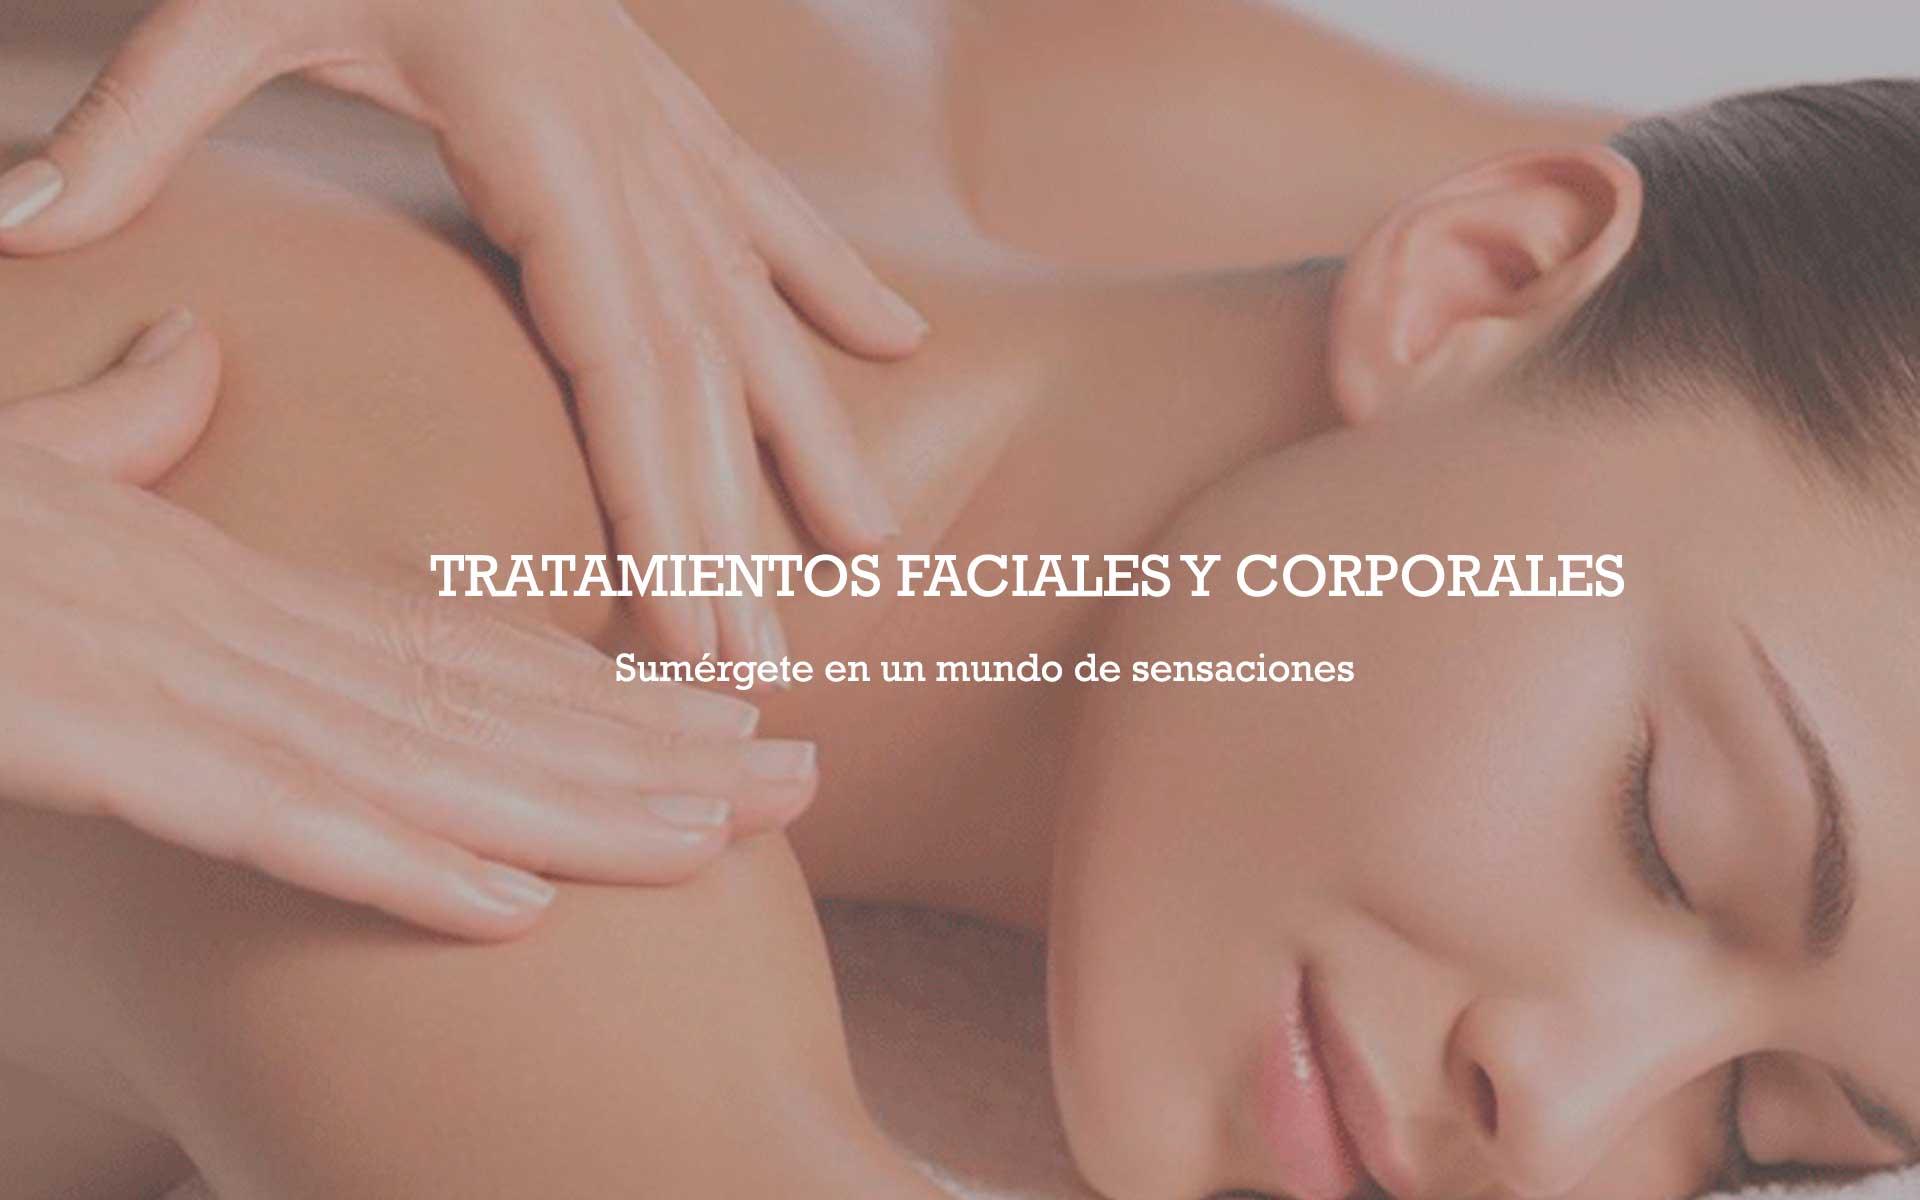 tratamientos-faciales-corporales-esteticallanos